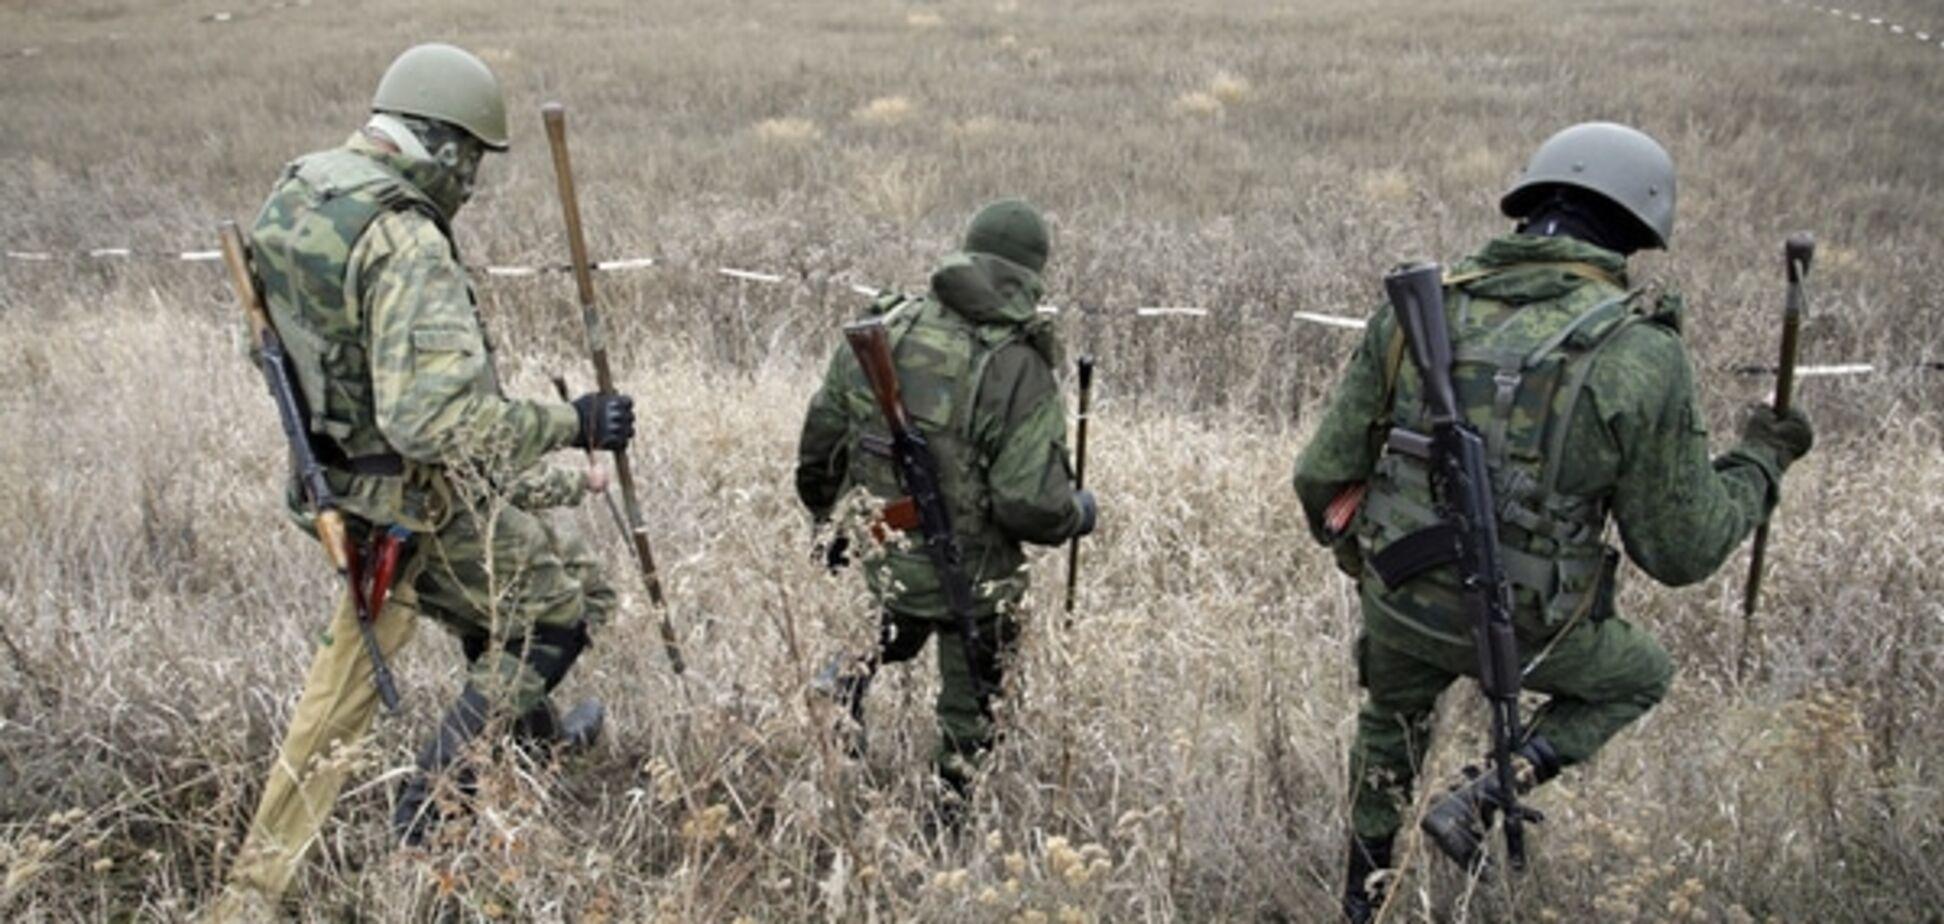 Екс-боєць АТО розкрив нову мету терористів на Донбасі